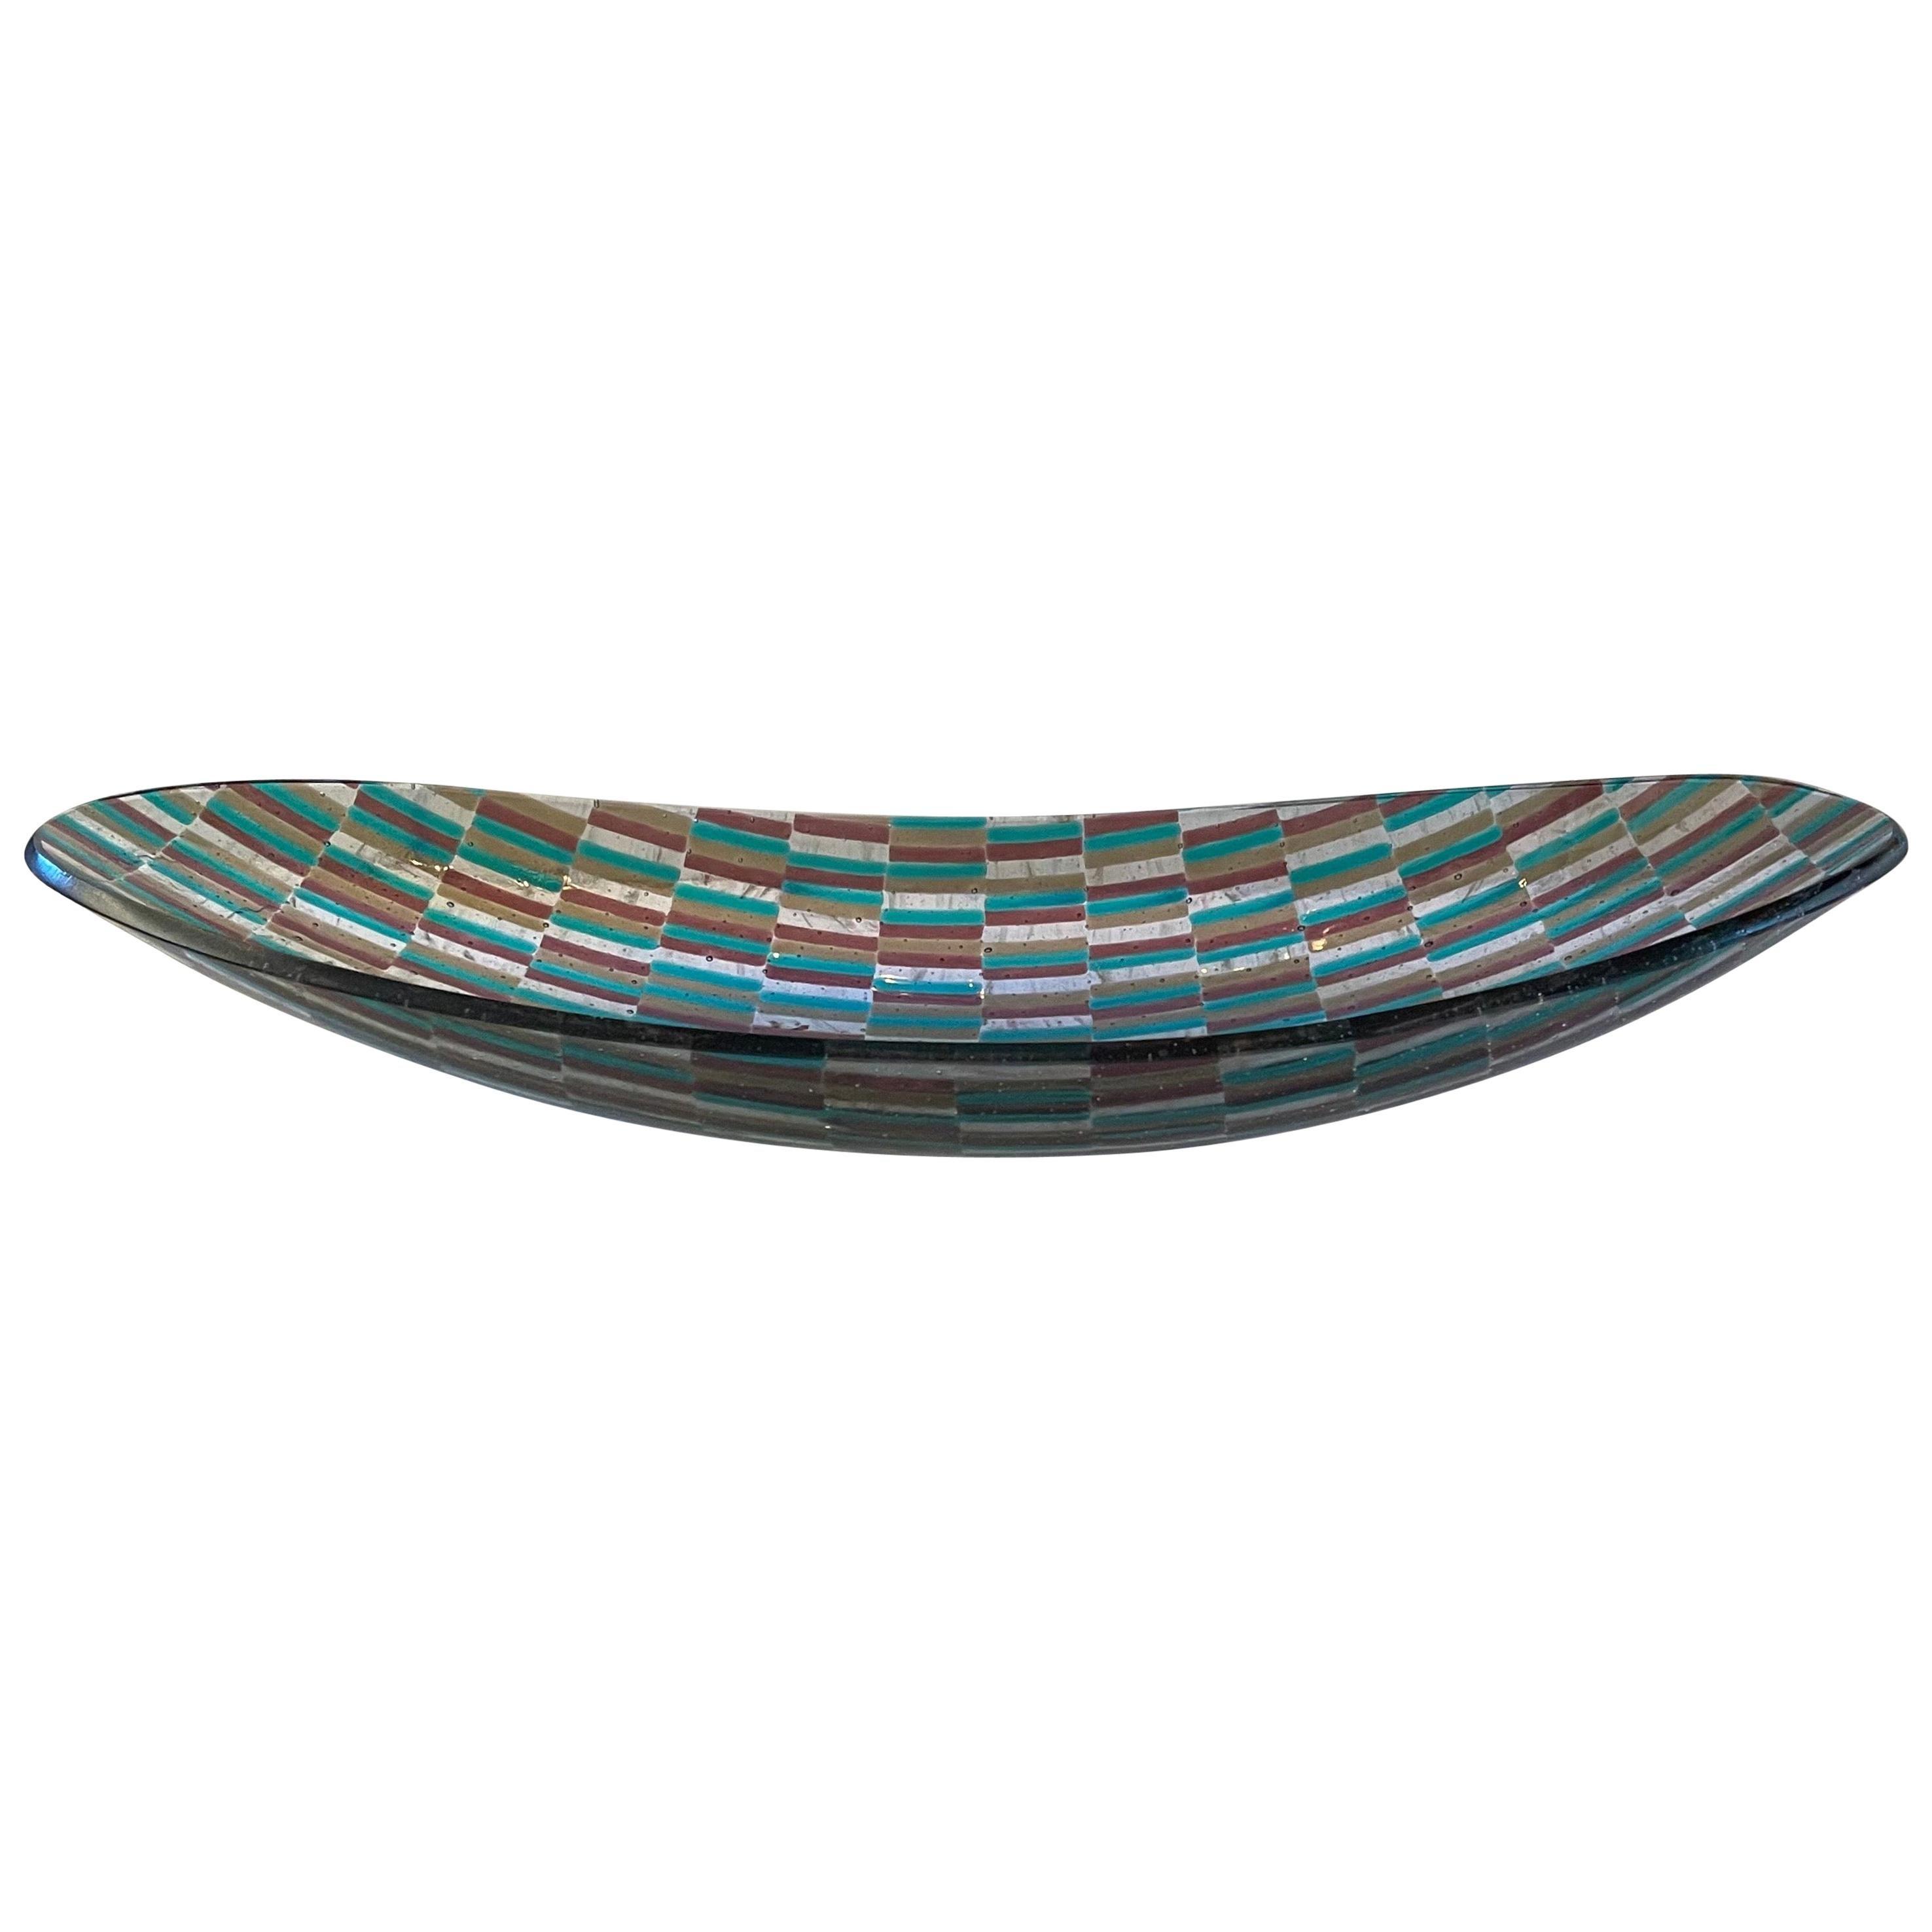 Lorin Marsh Modern Contemporary Elongated Patch Art Glass Murano Centerpiece